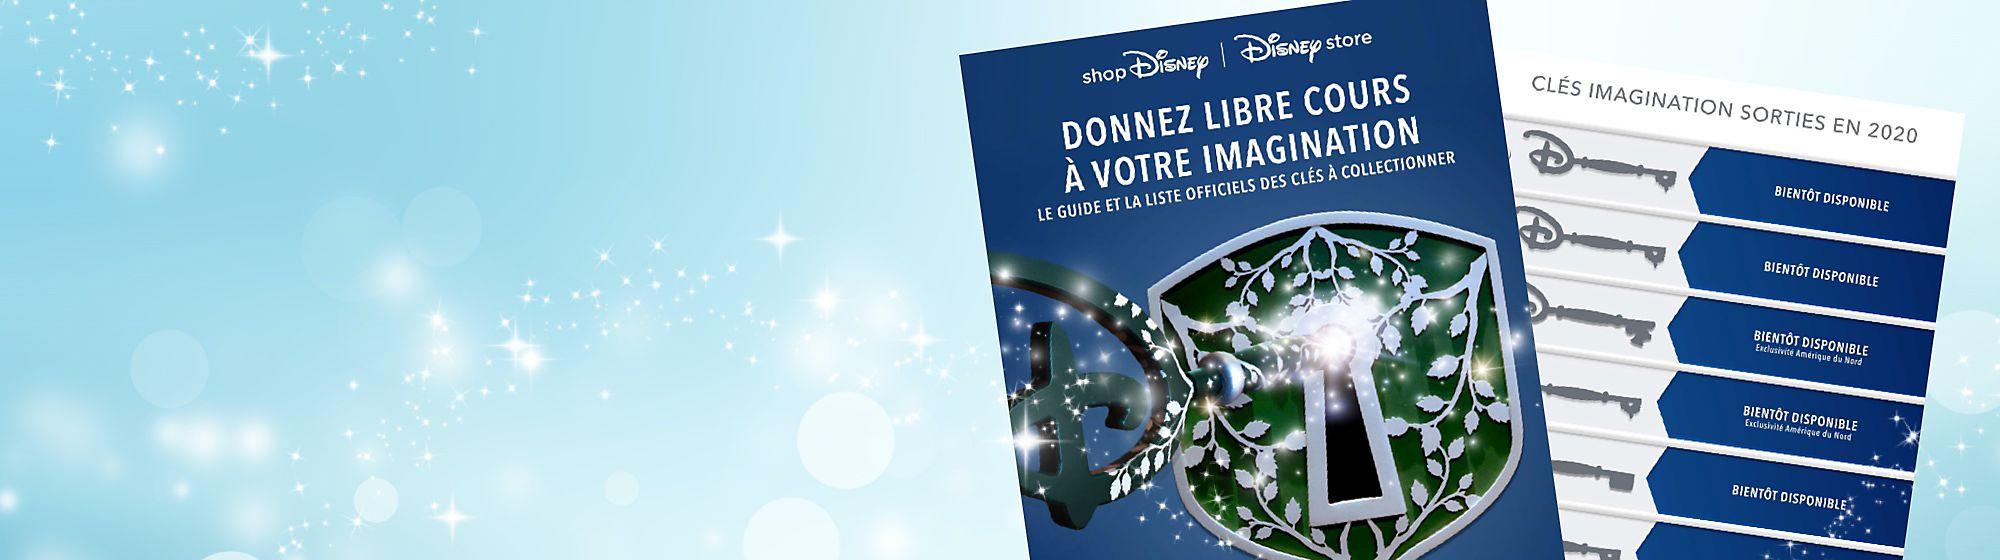 Clés Imagination 2020 Libérez la magie avec nos clés Imagination. Inspirées des clés de cérémonie d'ouverture disponibles dans les Disney Stores, ces clés thématiques feront le bonheur des fans de Disney et des collectionneurs. Consultez notre liste pour connaître les clés qui sont sorties jusqu'à présent.